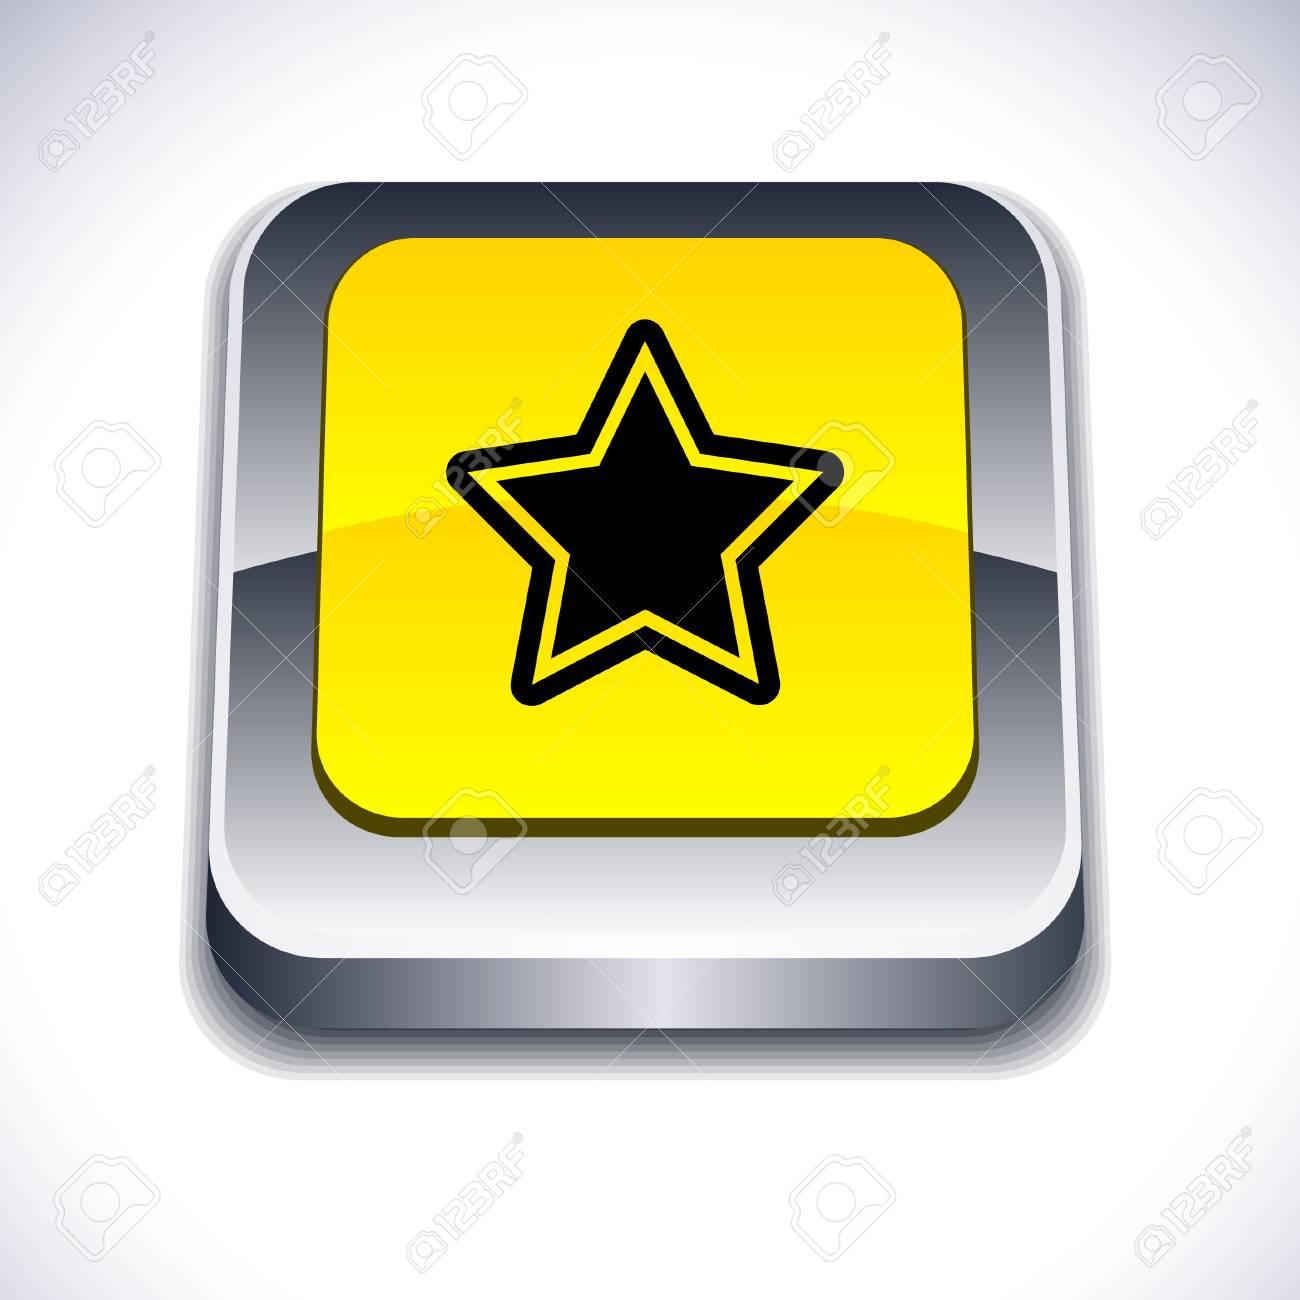 Star metallic 3d vibrant square icon. Stock Vector - 7261746